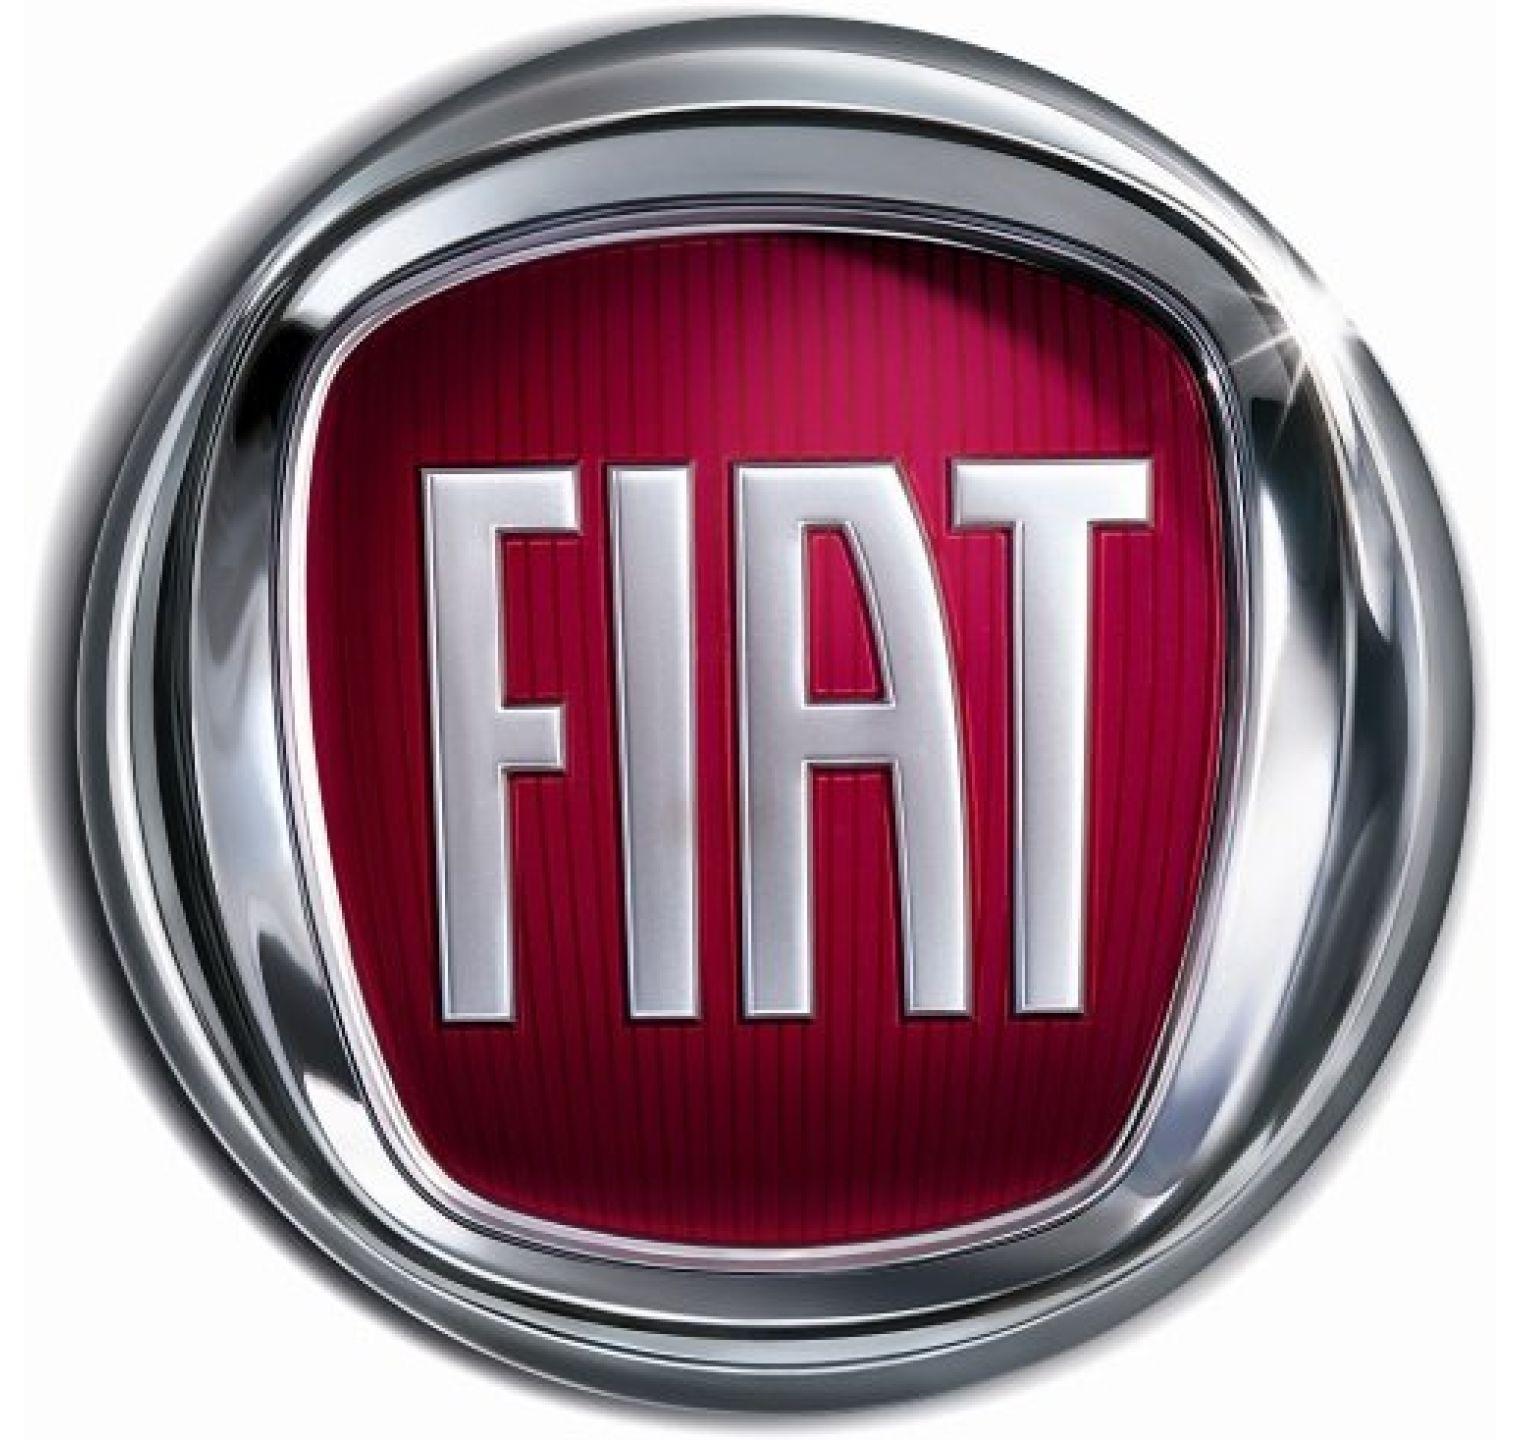 Fiat Multipla (1999 t/m 2003) - achterruitenwisser Valeo Standard